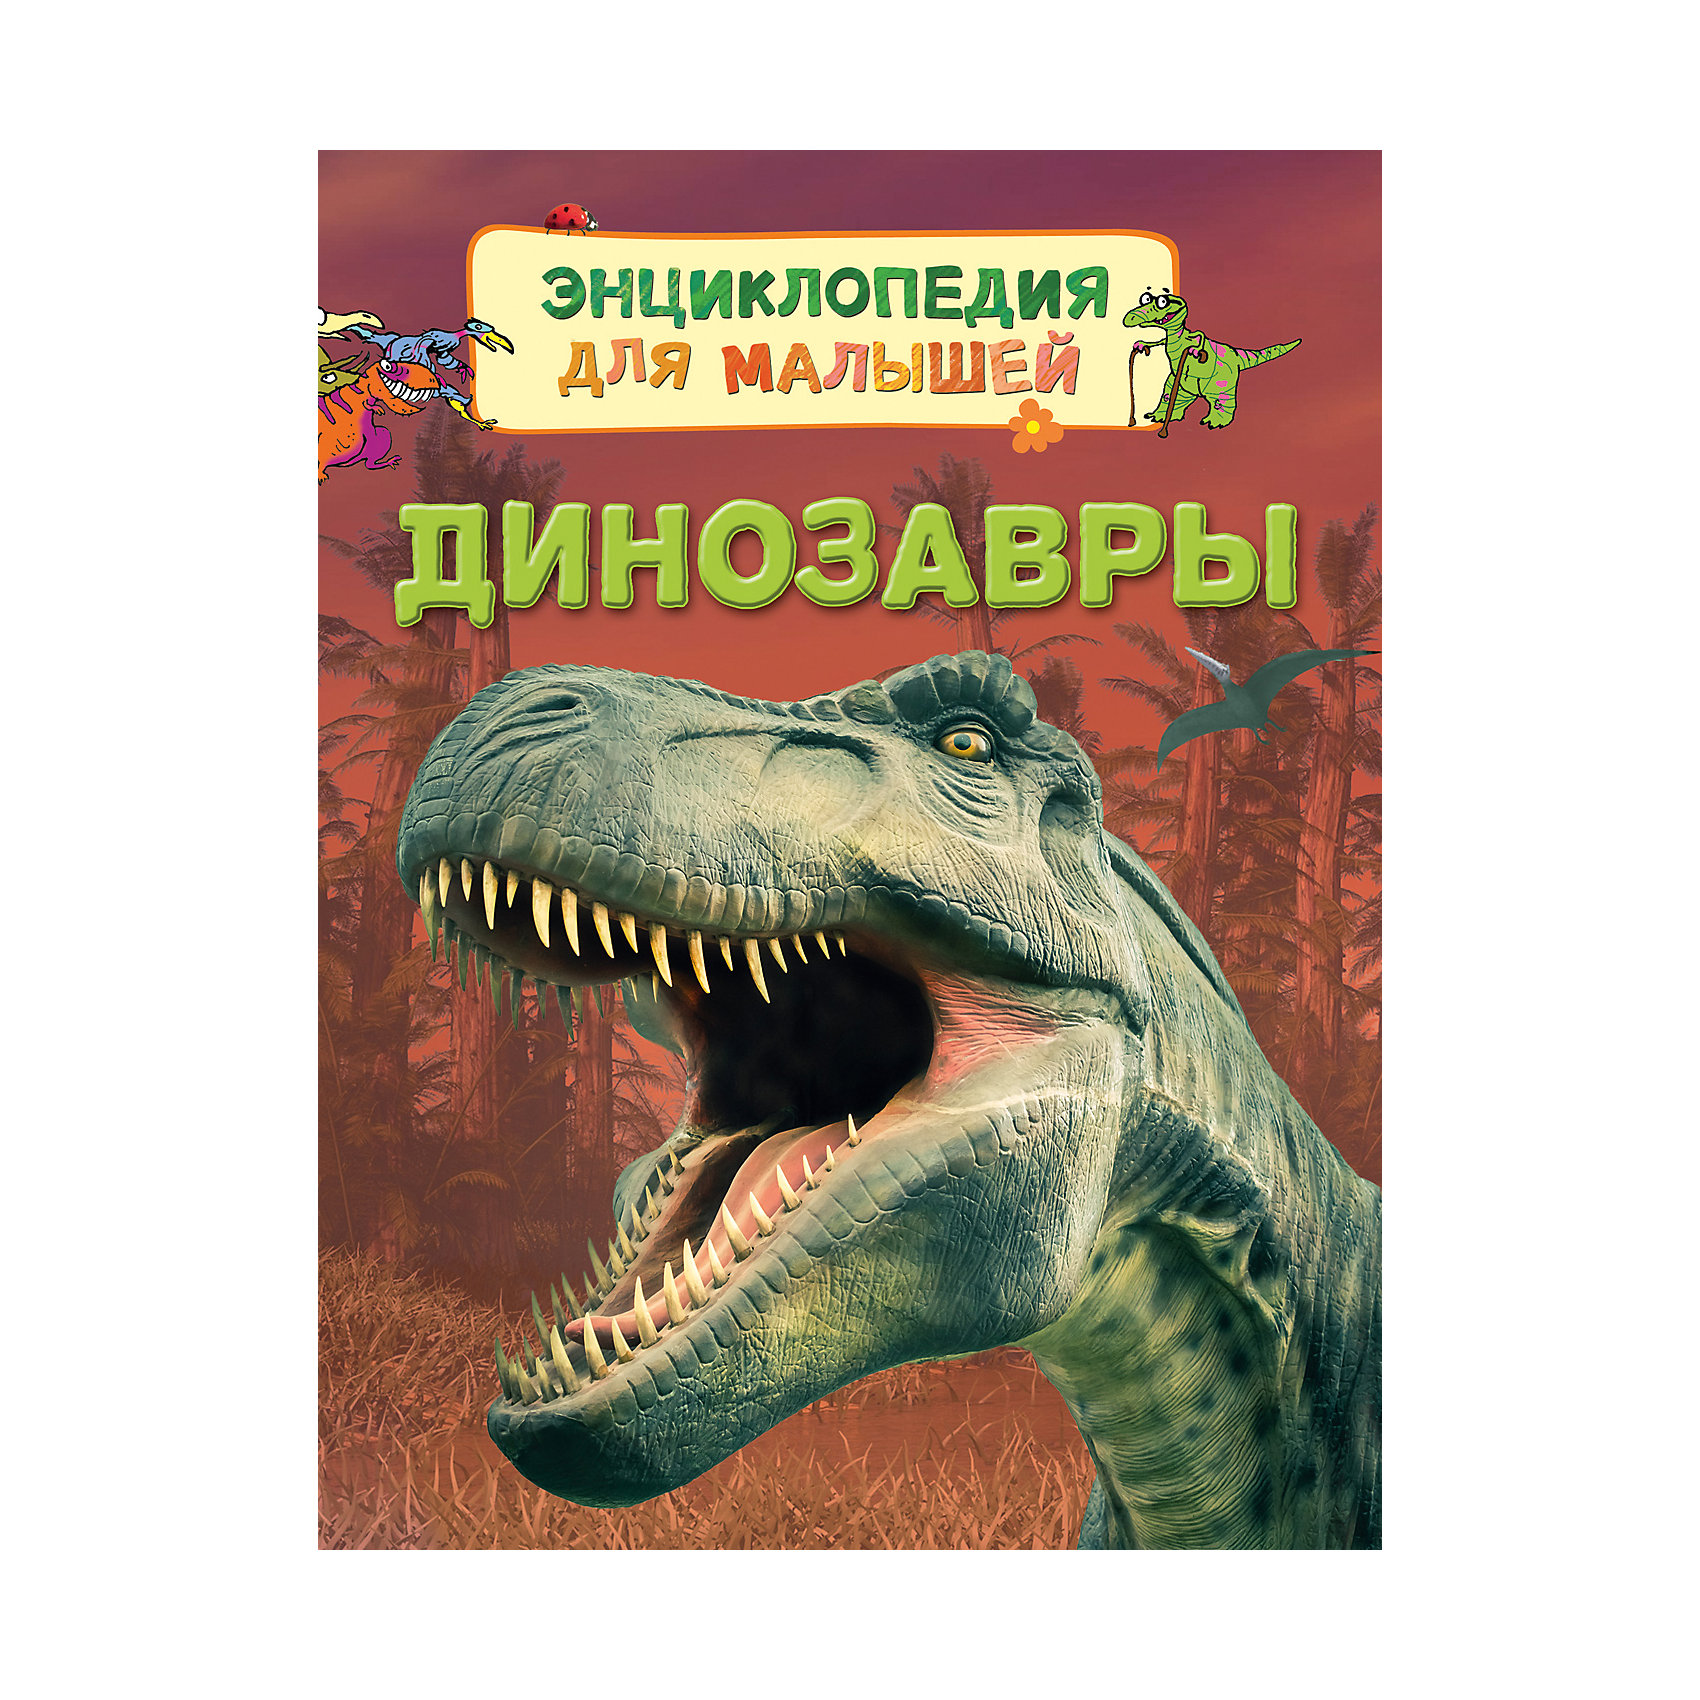 Энциклопедия для малышей ДинозаврыЭнциклопедии<br>Энциклопедия для малышей Динозавры<br><br>Характеристики:<br><br>- издательство Росмэн<br>- количество страниц: 32<br>- формат: 22 * 0,7 * 17 см.<br>- Тип обложки: 7Бц – твердая целлофинированная<br>- Иллюстрации: цветные<br>- вес: 190 гр.<br><br>Книга Динозавры из серии Энциклопедия для малышей придет по вкусу как любителям серии, так и новичкам. Эта детская книга включает в себя множество цветных иллюстраций, которые делают информацию в книге интересной, наглядной и запоминающейся. Книга расскажет о том, кто такие динозавры и какие они бывают. А также о строении их тела и об особенностях их жизни на нашей планете. <br><br>Энциклопедию для малышей Динозавры можно купить в нашем интернет-магазине.<br><br>Ширина мм: 220<br>Глубина мм: 167<br>Высота мм: 7<br>Вес г: 190<br>Возраст от месяцев: 36<br>Возраст до месяцев: 72<br>Пол: Унисекс<br>Возраст: Детский<br>SKU: 5109698